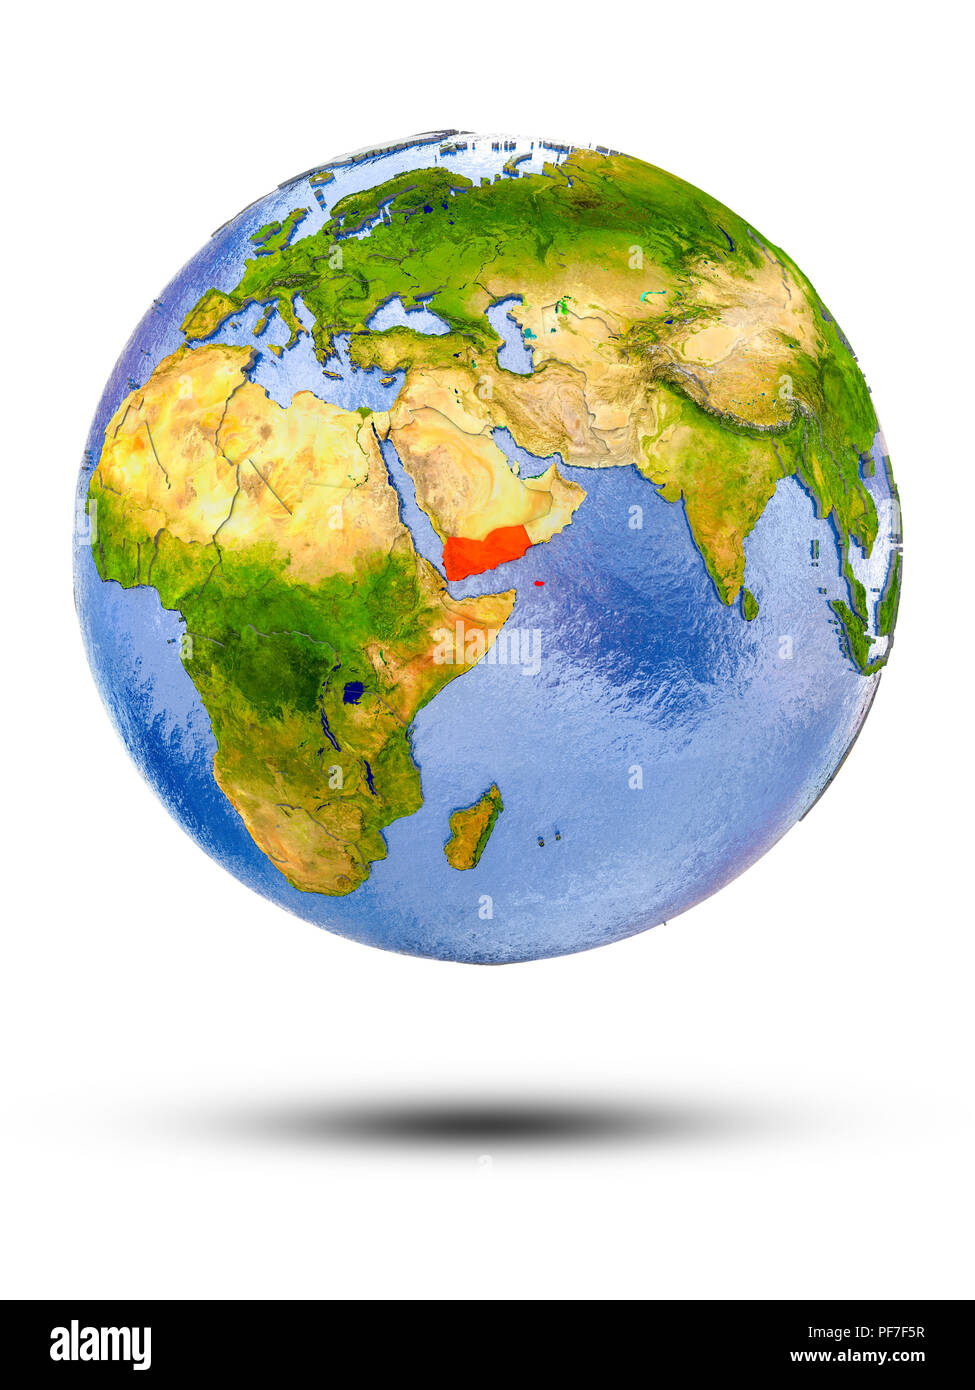 Yemen on globe with shadow isolated on white background. 3D illustration. - Stock Image